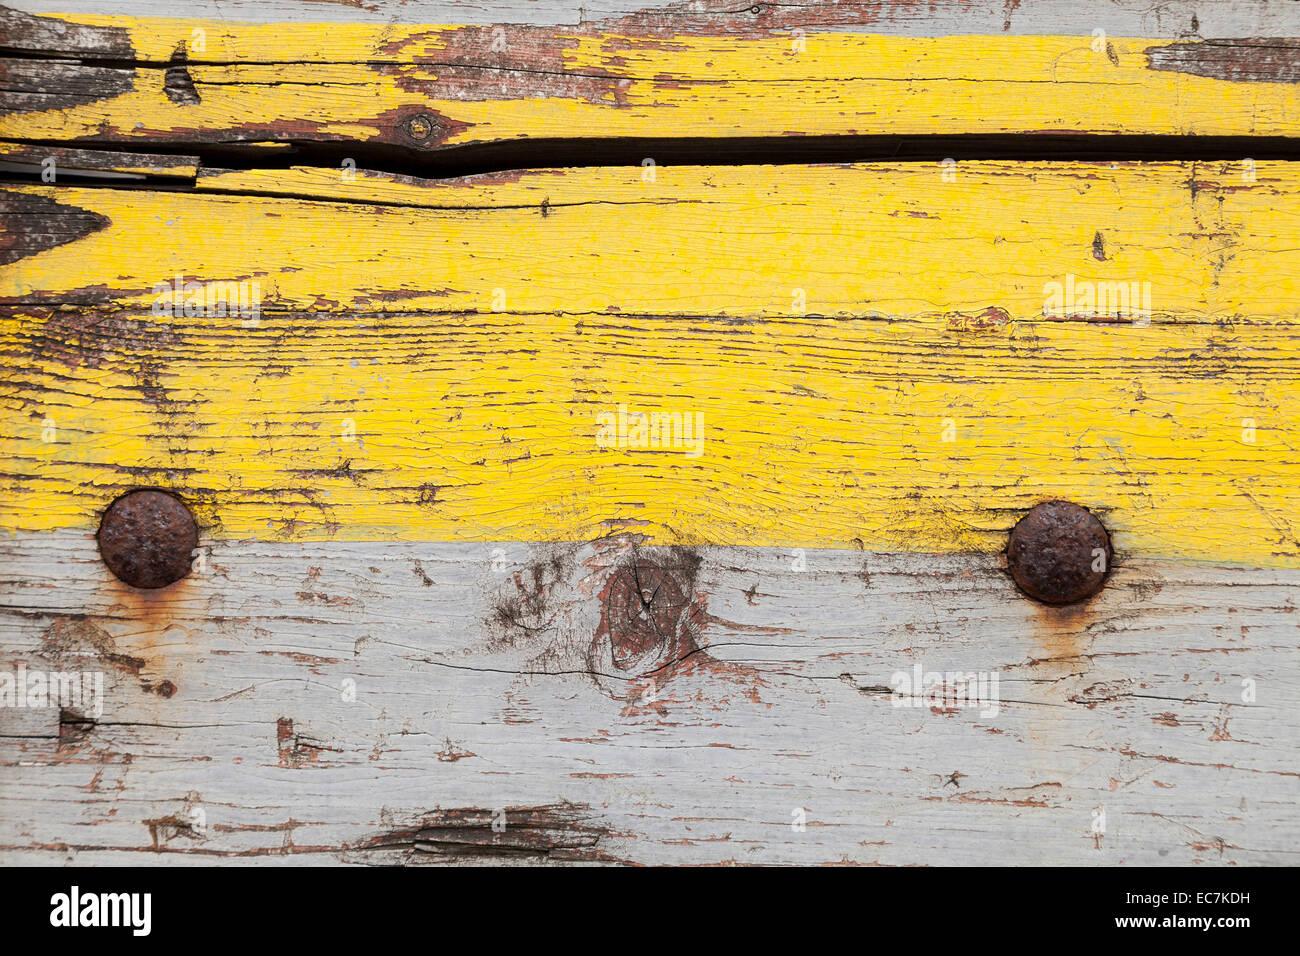 Peinture Bois Gris Patiné planche en bois patiné avec de la peinture jaune et gris